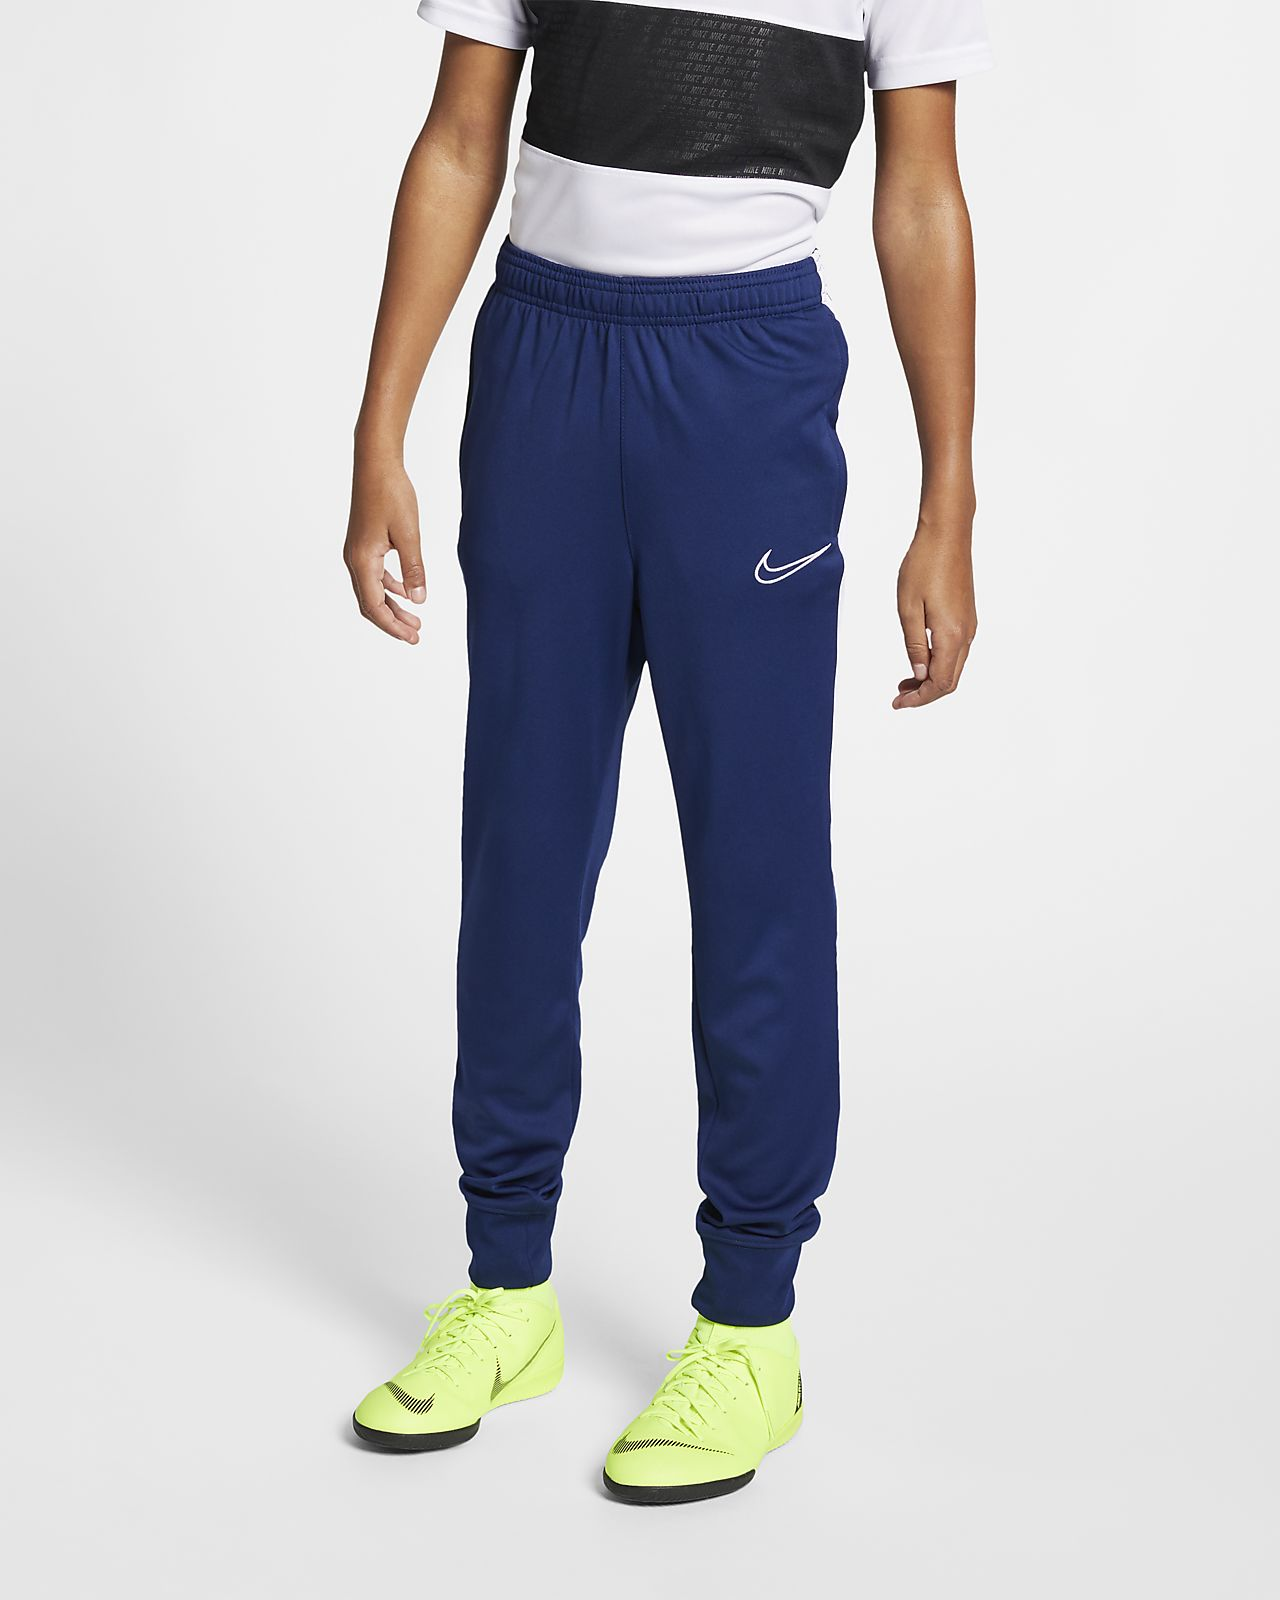 Nike Dri-FIT Academy fotballbukse til store barn